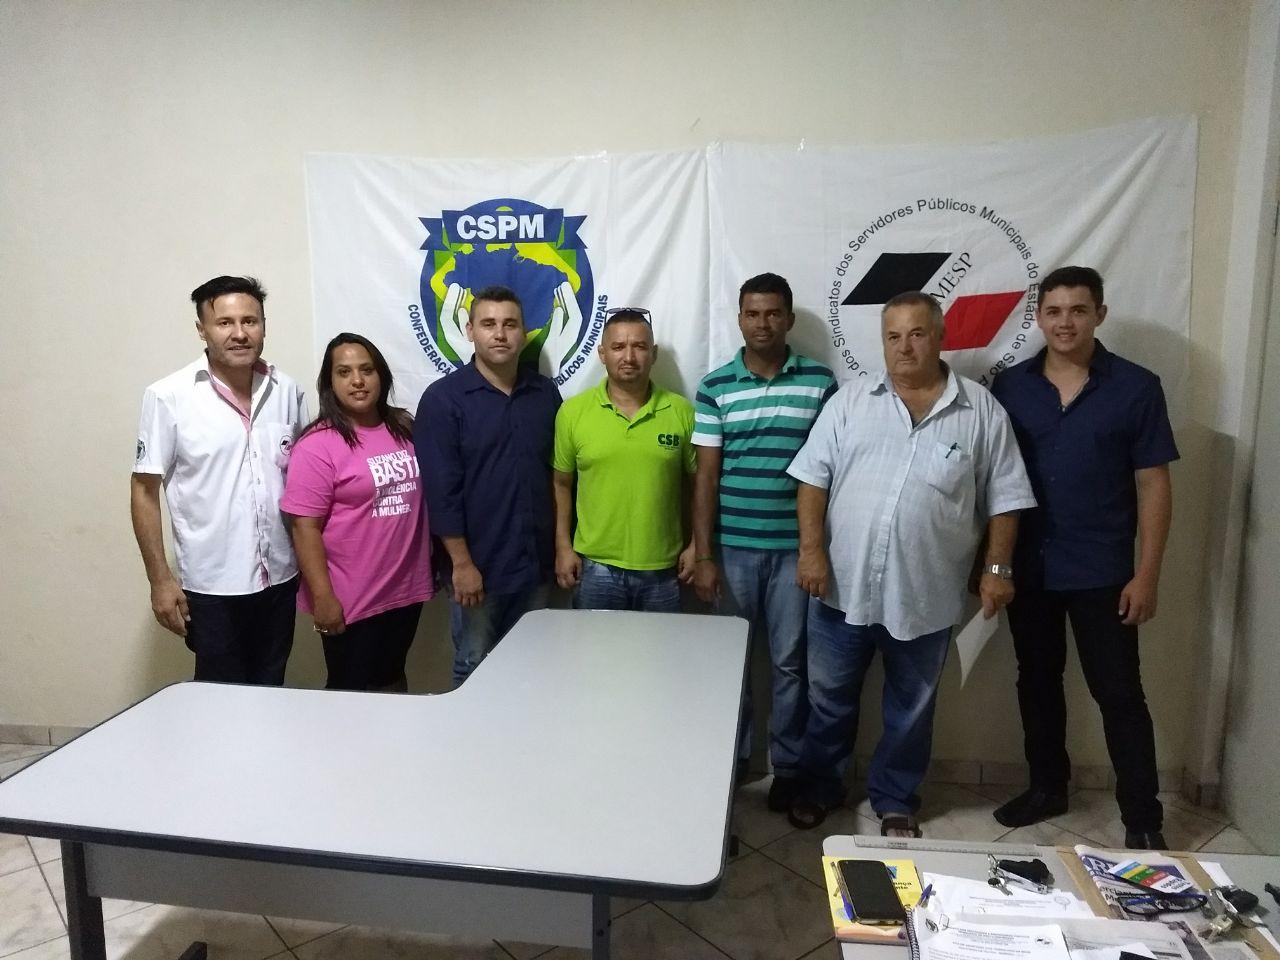 Chapa 1 vence eleições com 97% dos votos válidos no Sindicato dos Servidores de Santa Gertrudes (SP)